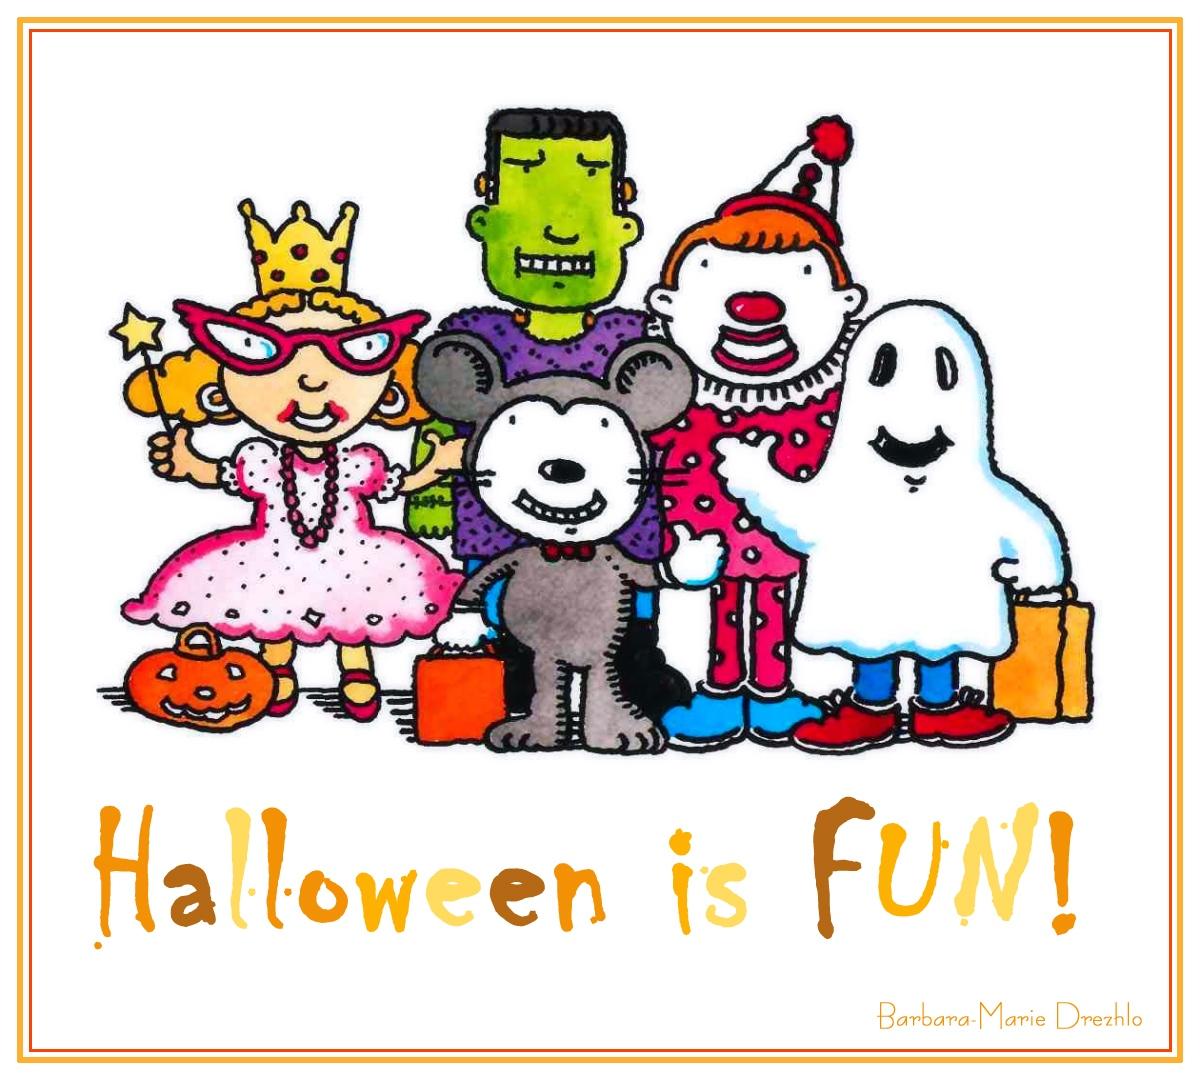 00 Halloween is FUN! 27.10.13